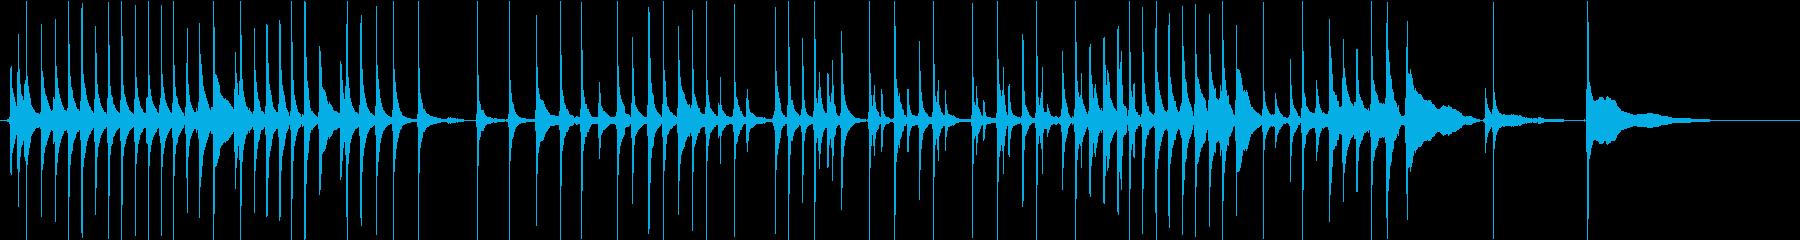 三味線161花見踊1前弾元禄酒飲み会宴会の再生済みの波形